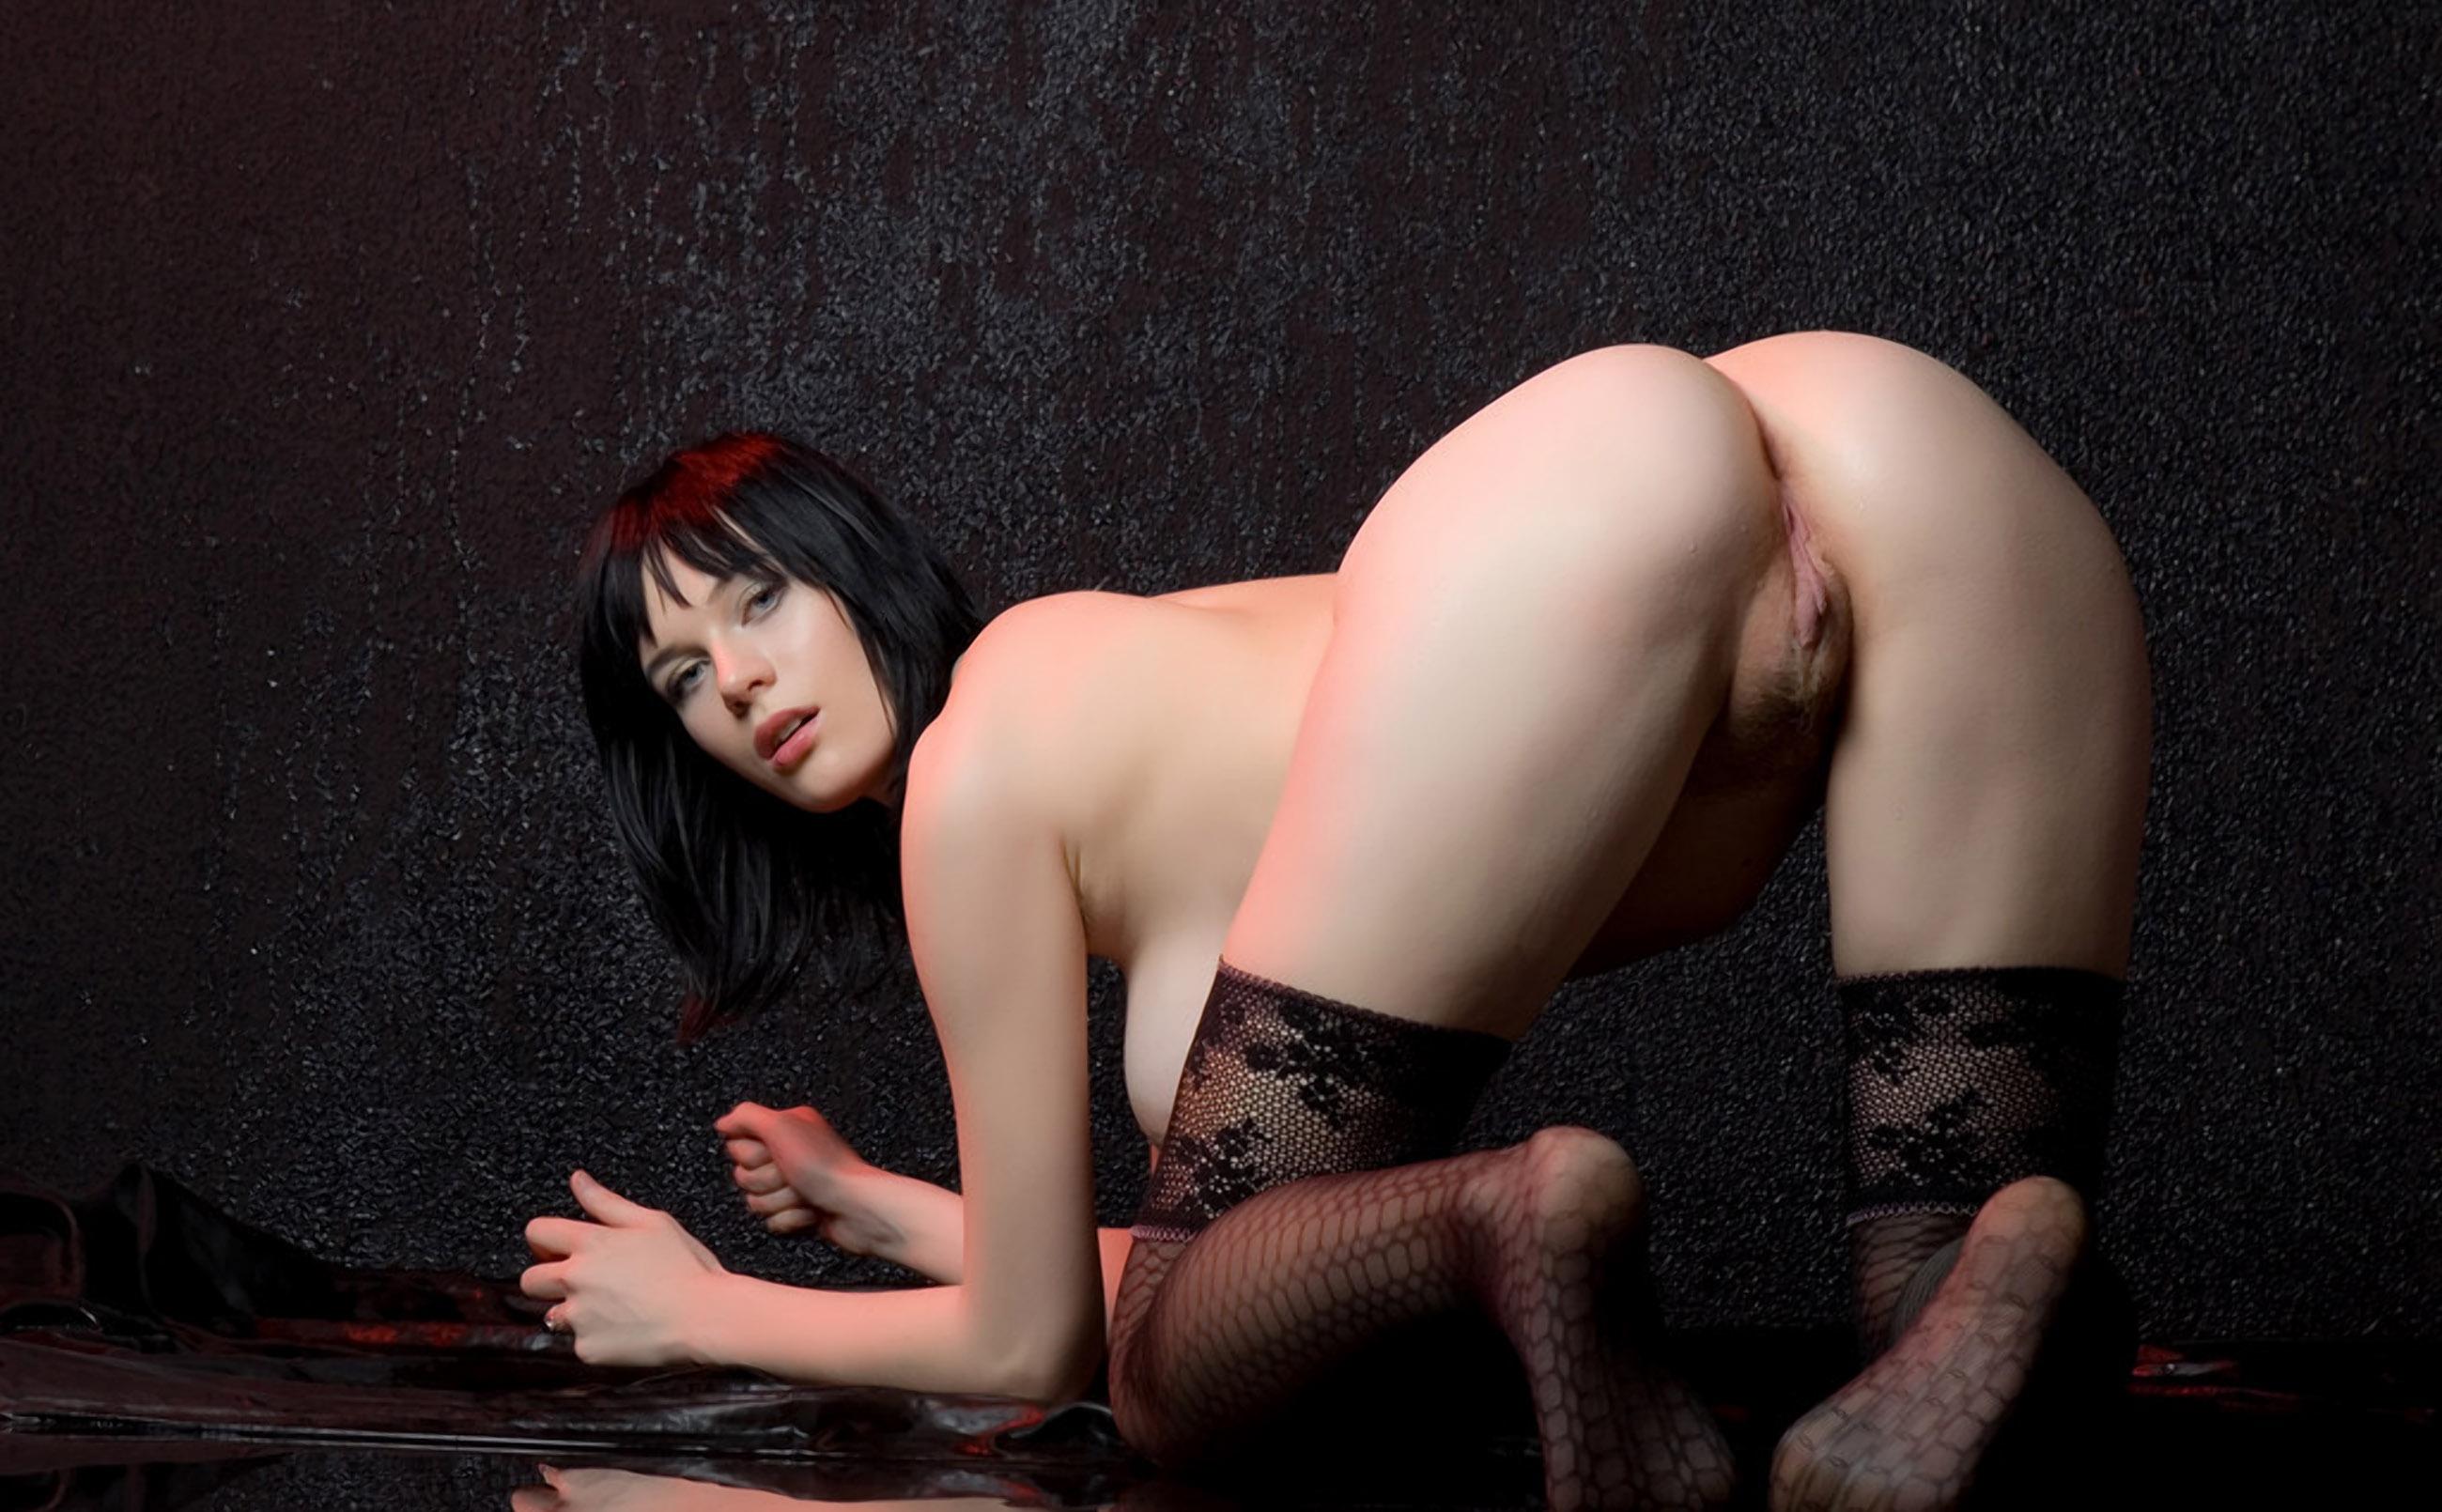 Фотосессии девушек легкая эротика 7 фотография